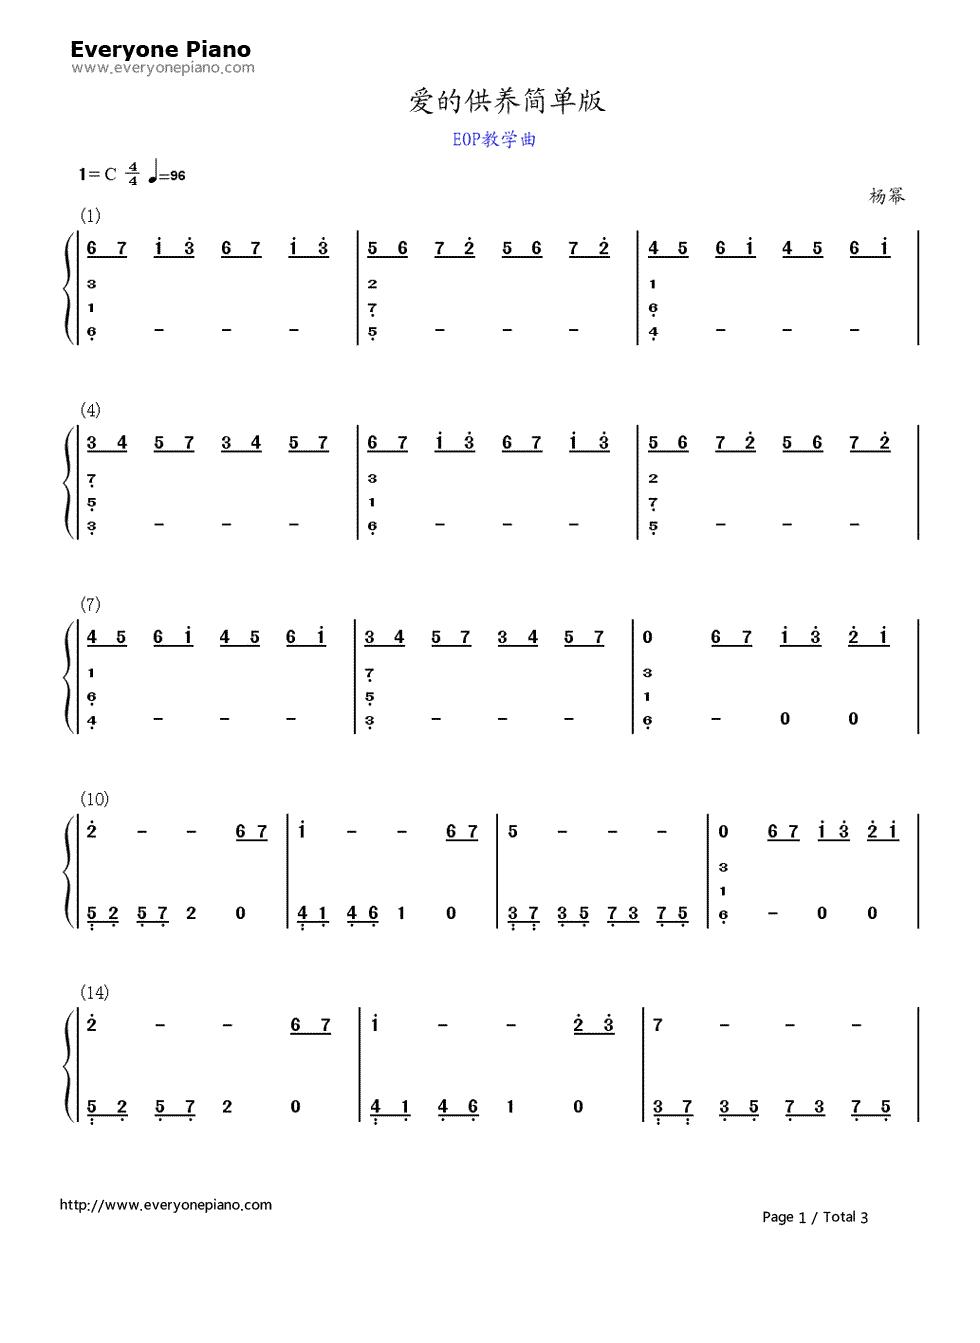 爱的供养钢琴数字简谱,带配音公式的图片